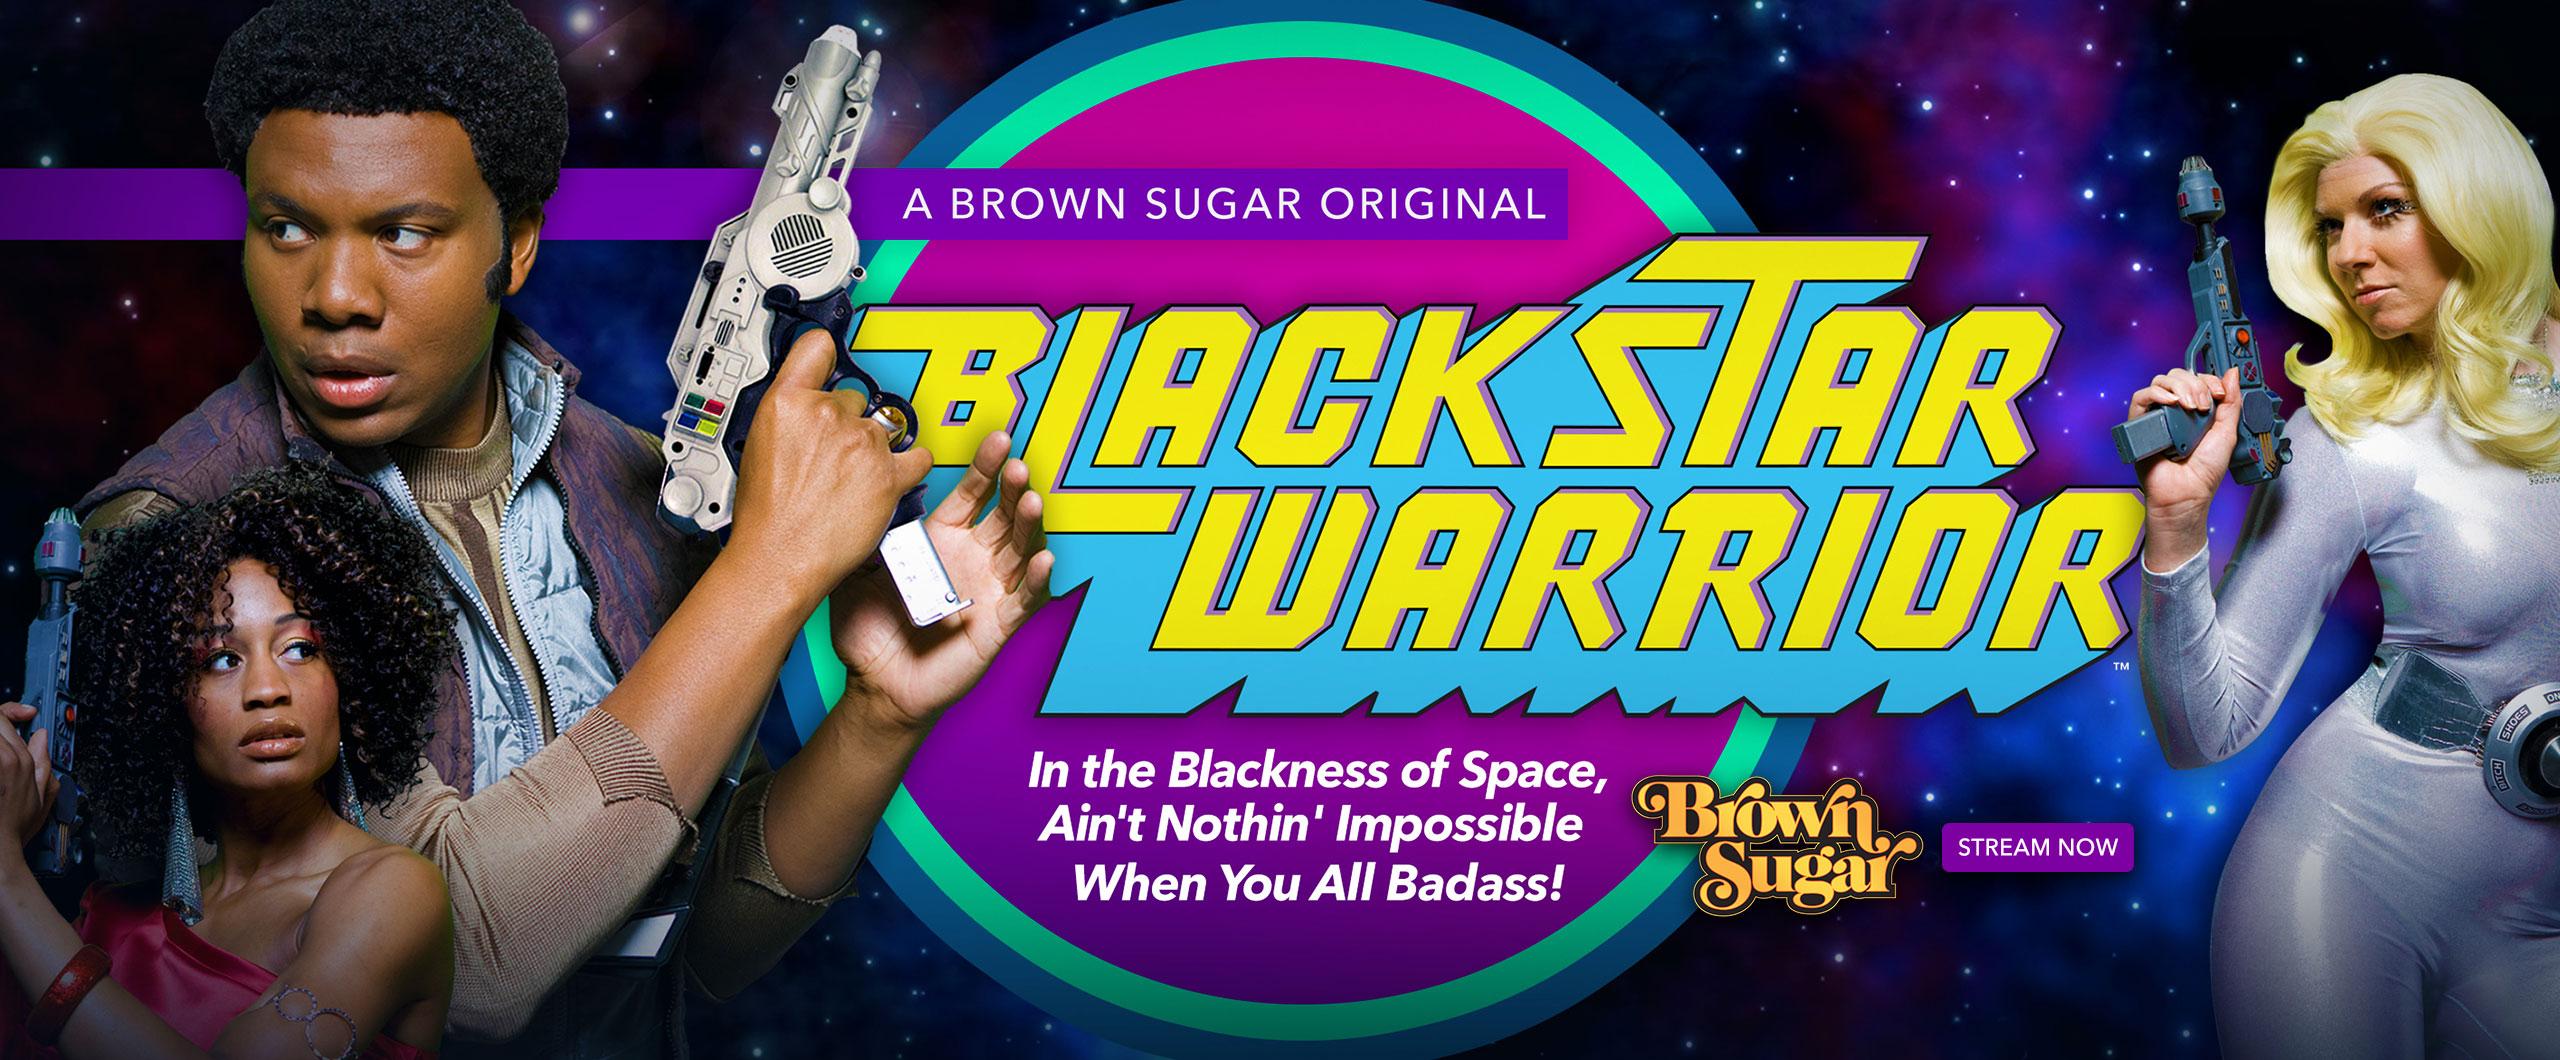 Black Star Warrior